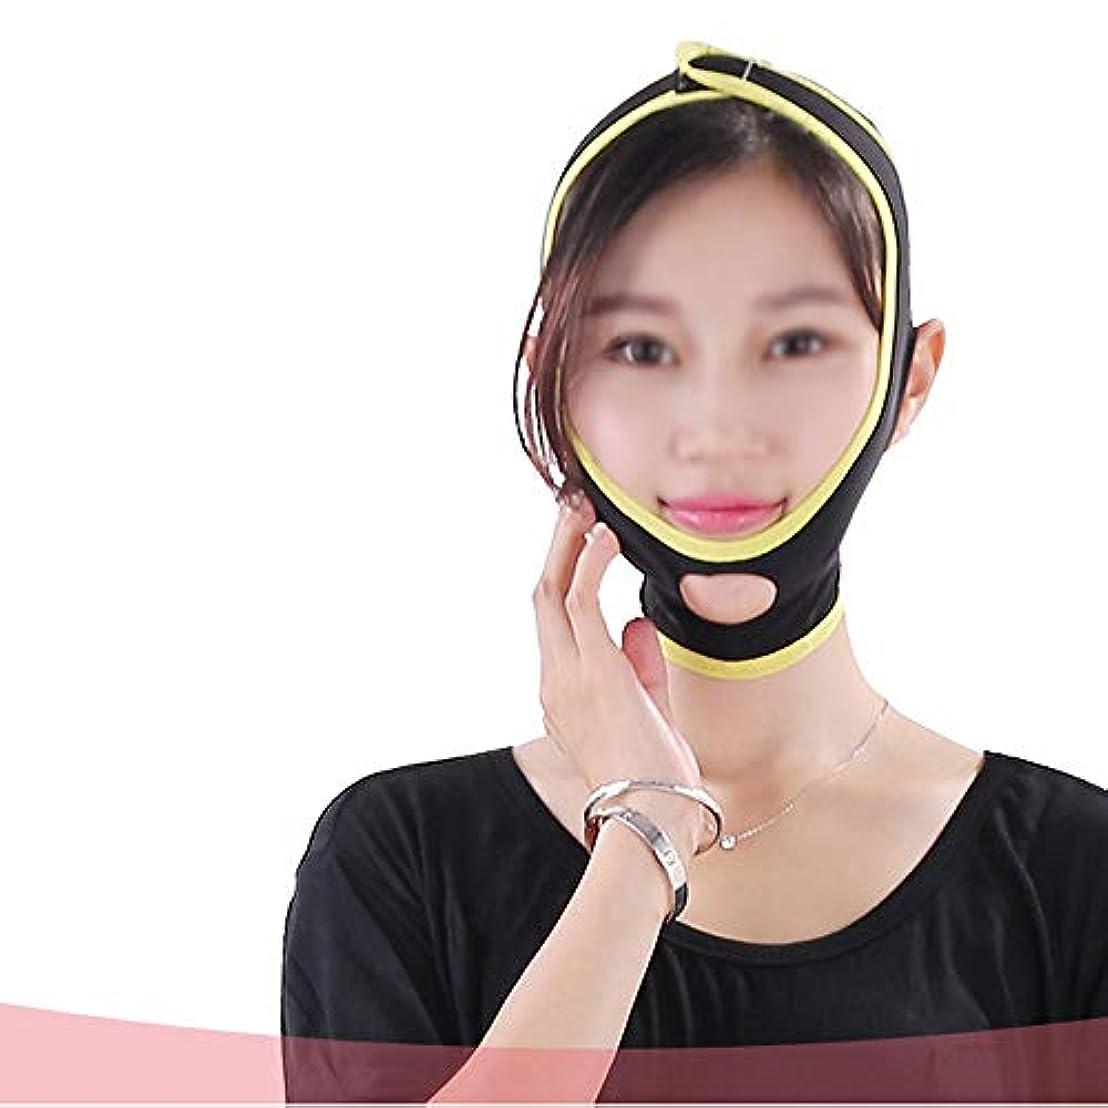 に対応スイッチ丘XHLMRMJ 通気性の睡眠のマスク、薄い顔の包帯の小さい表面Vの顔薄い顔の顔 (Color : M)